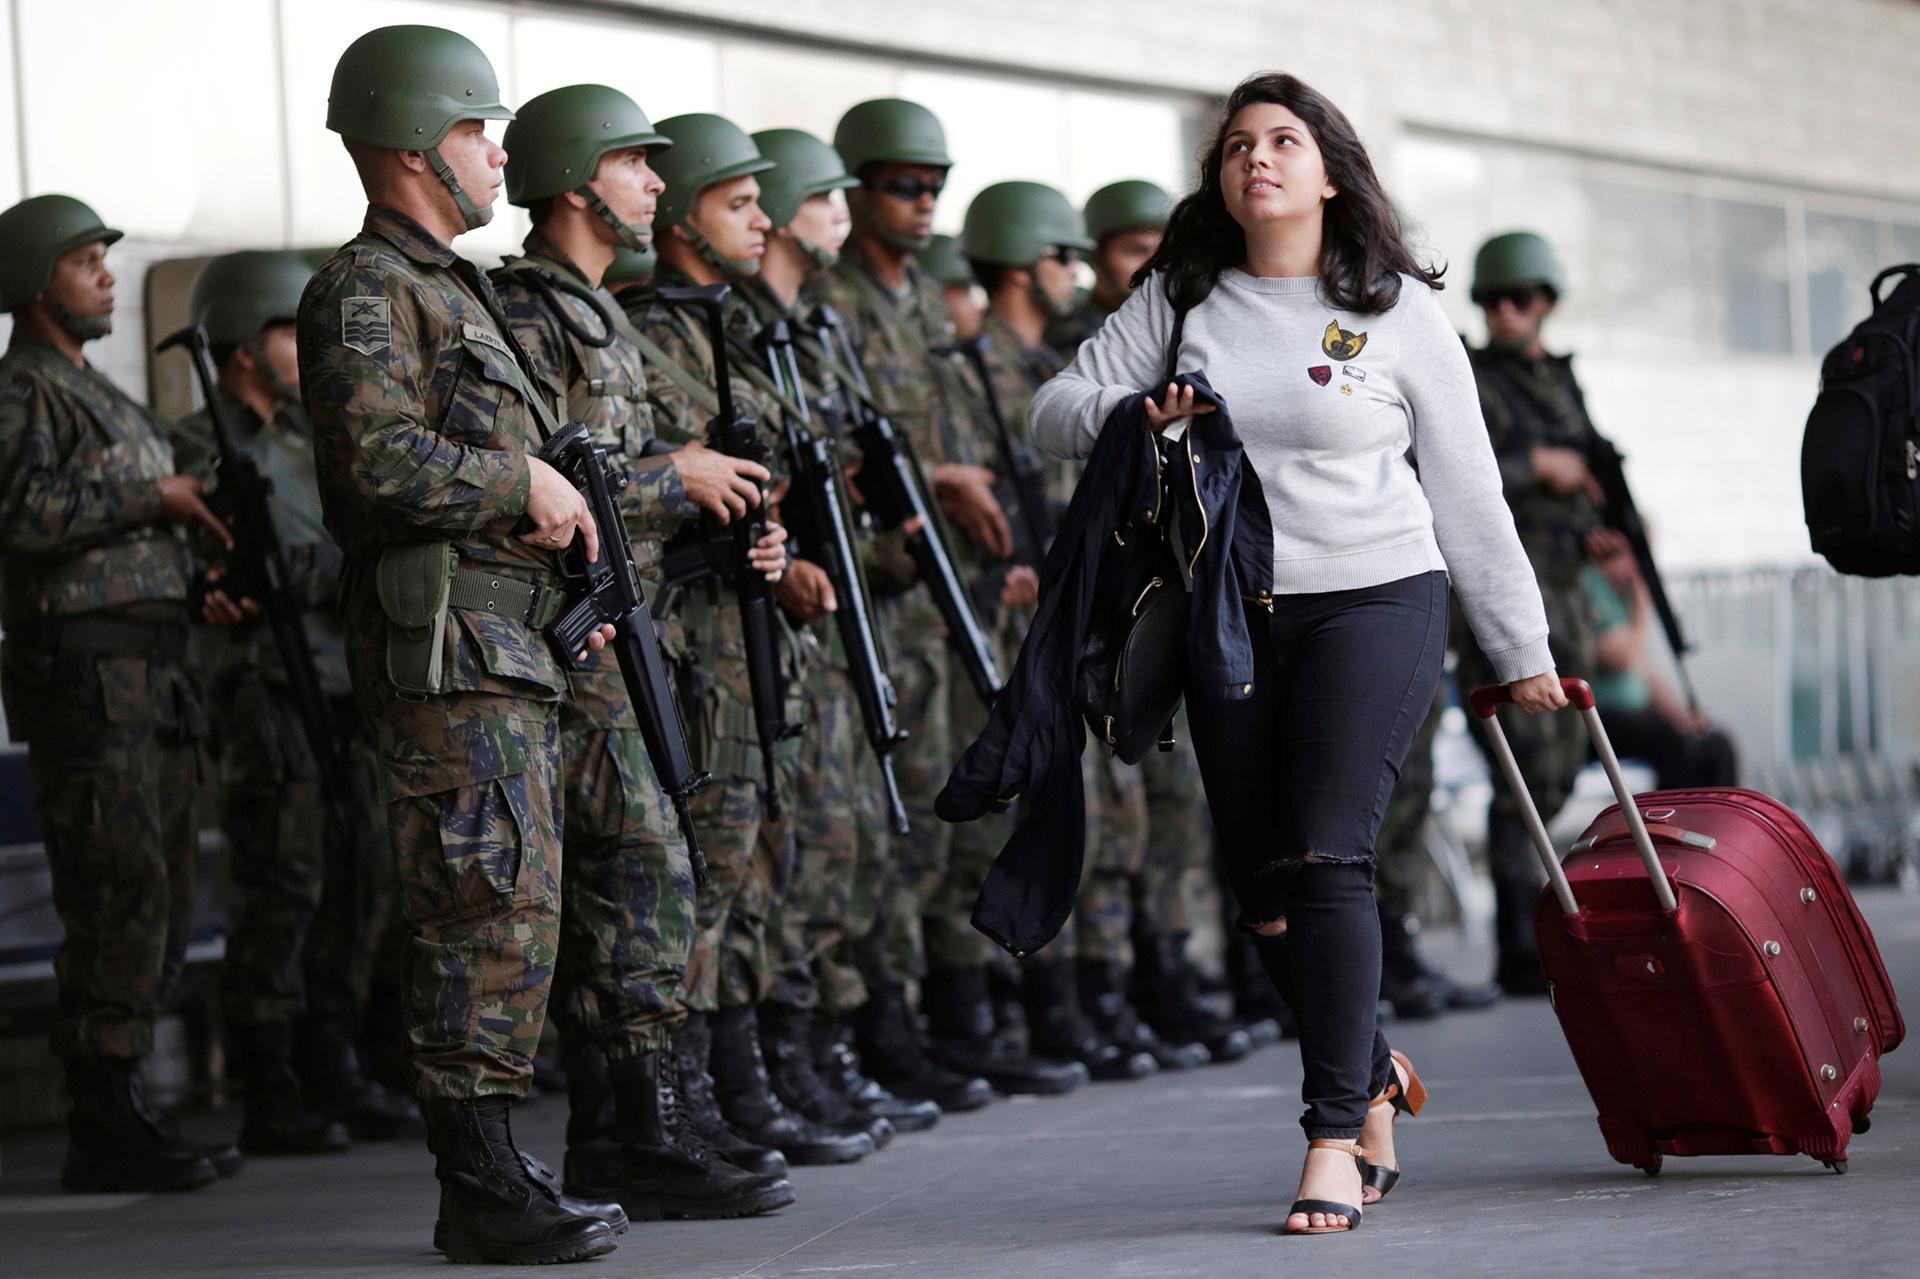 Una pasajera camina delante de los integrantes de la Fuerzas Aéreas de Brasil durante un ensayo en el Aeropuerto Internacional de Galeão (REUTERS)